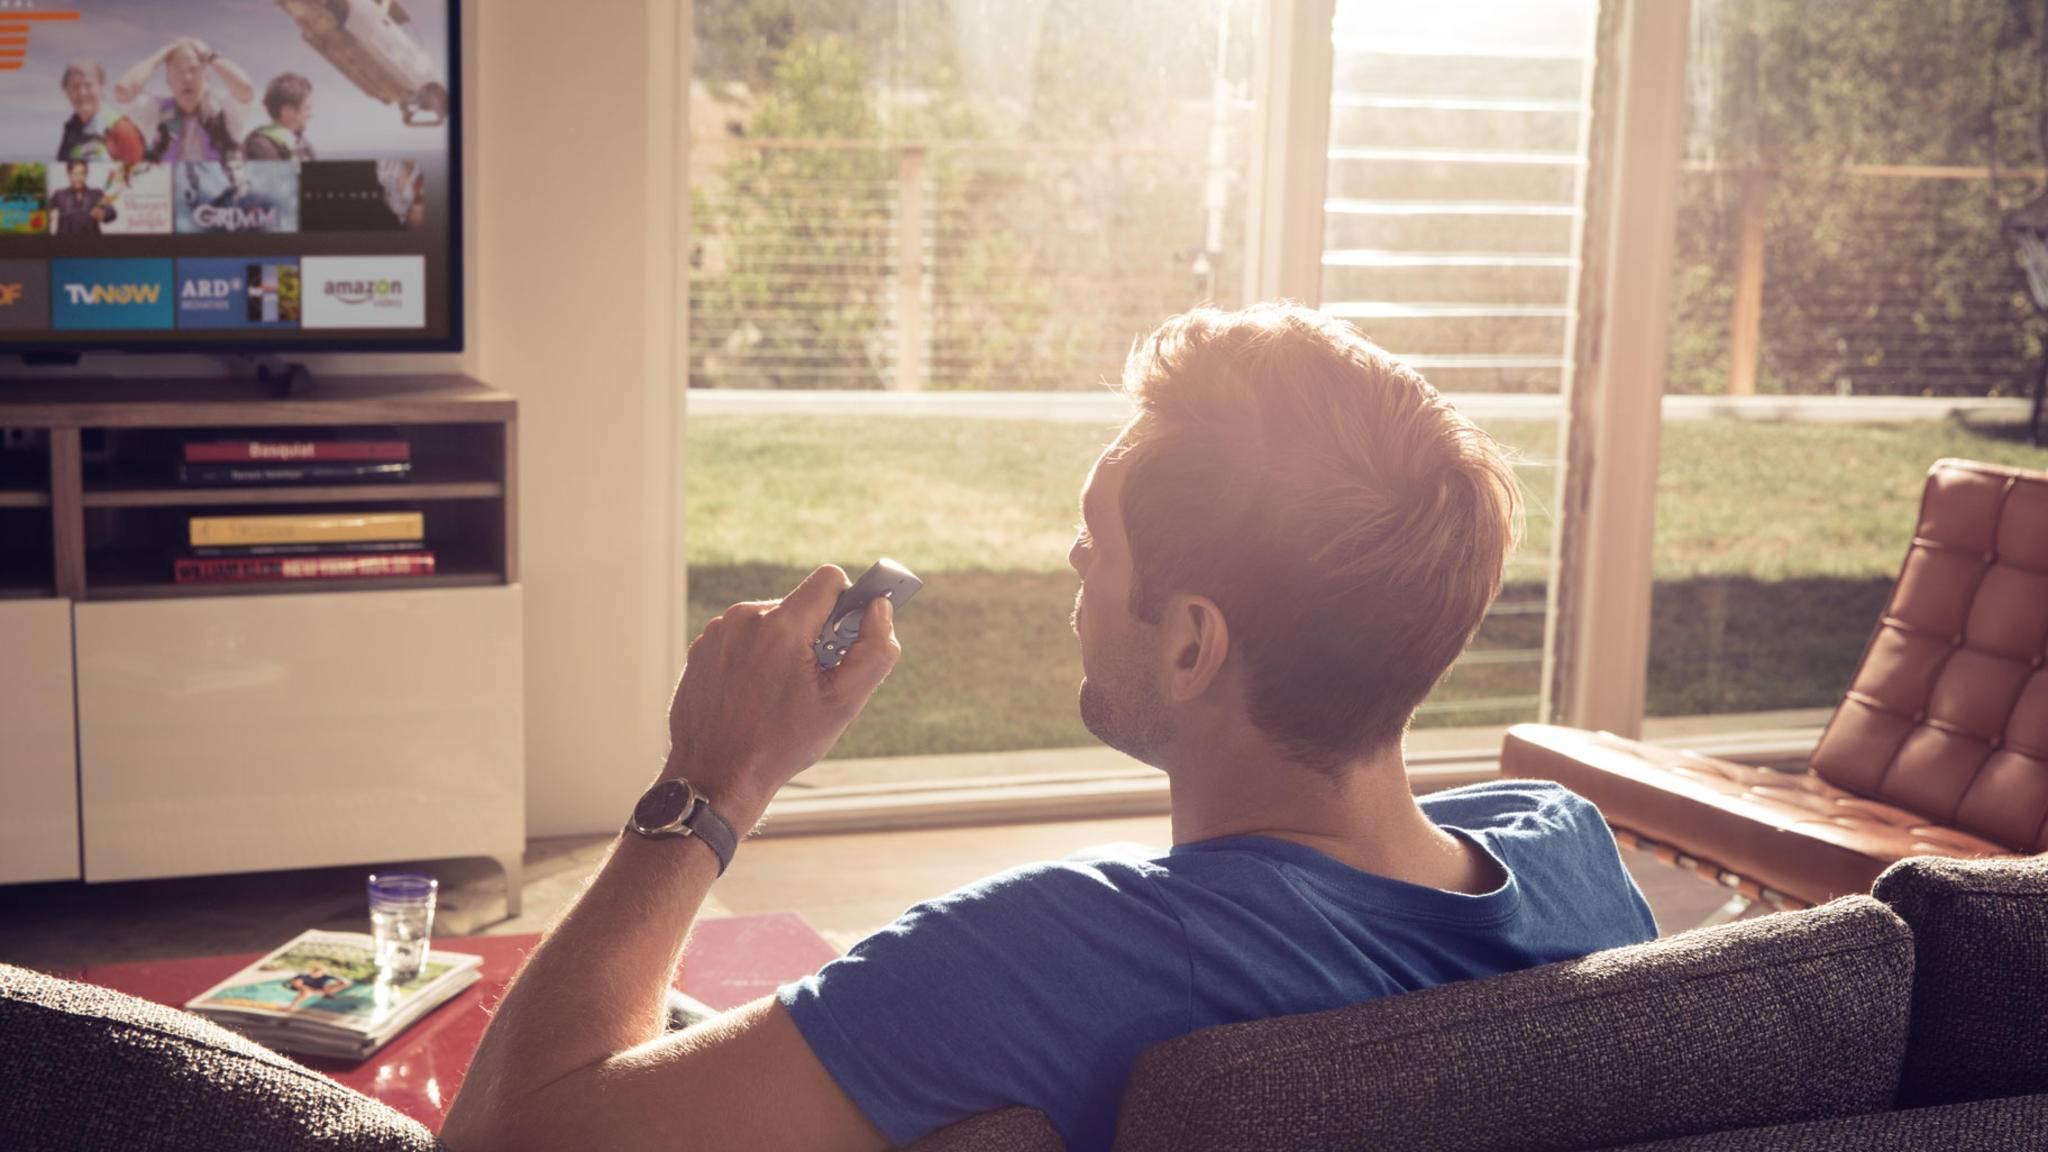 Wir verraten Dir, wie Du Deinen Fire TV Stick anschließen kannst.